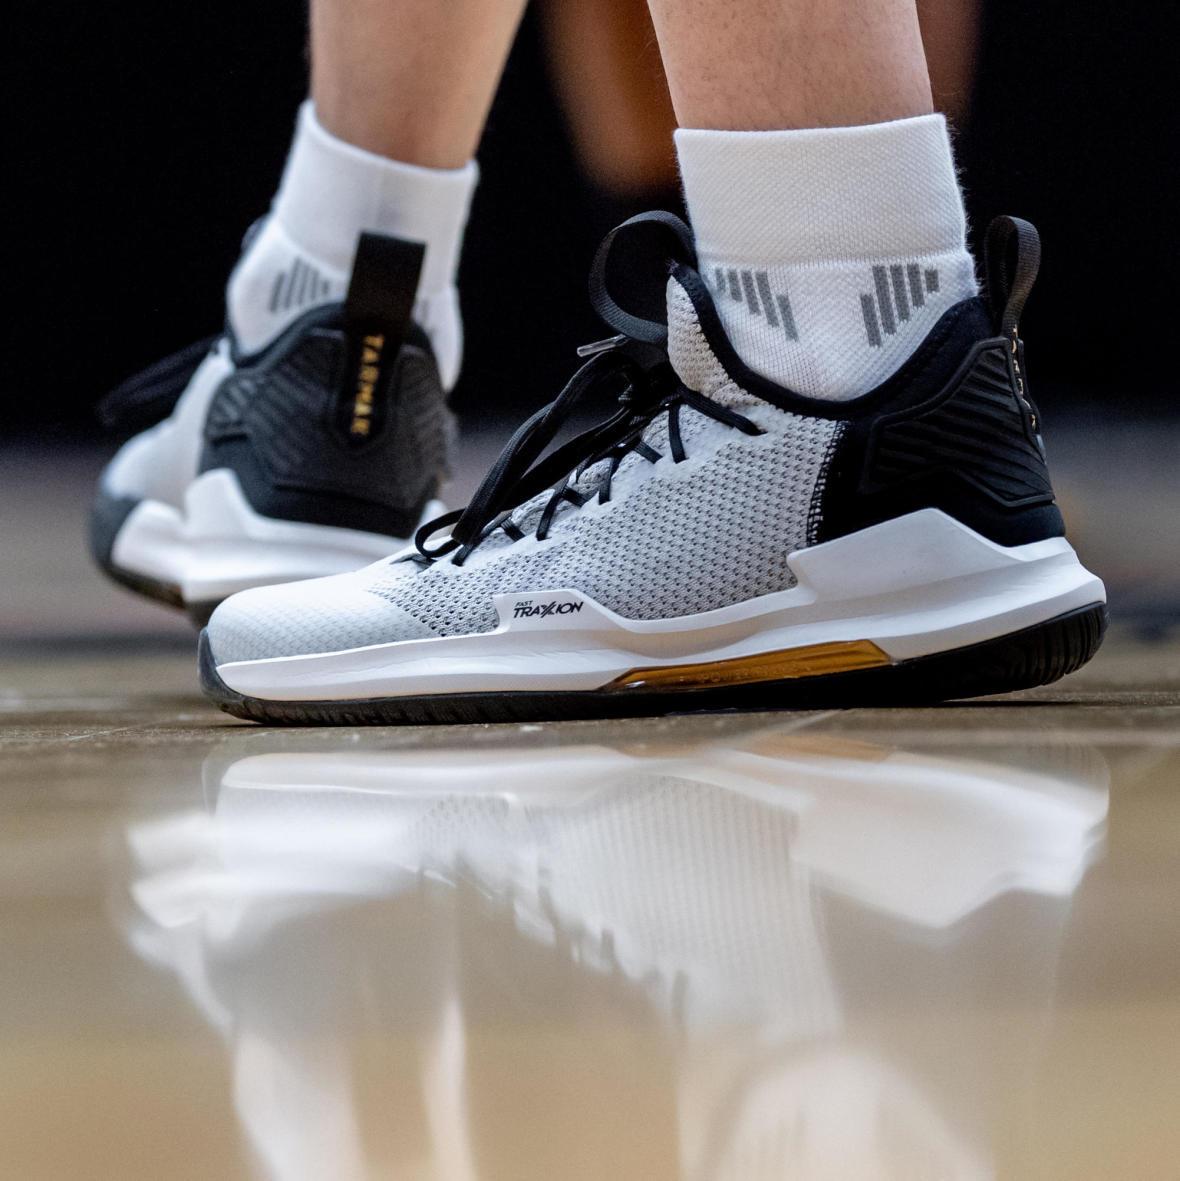 cc-choisir-chaussure-confirme-basketball.jpg